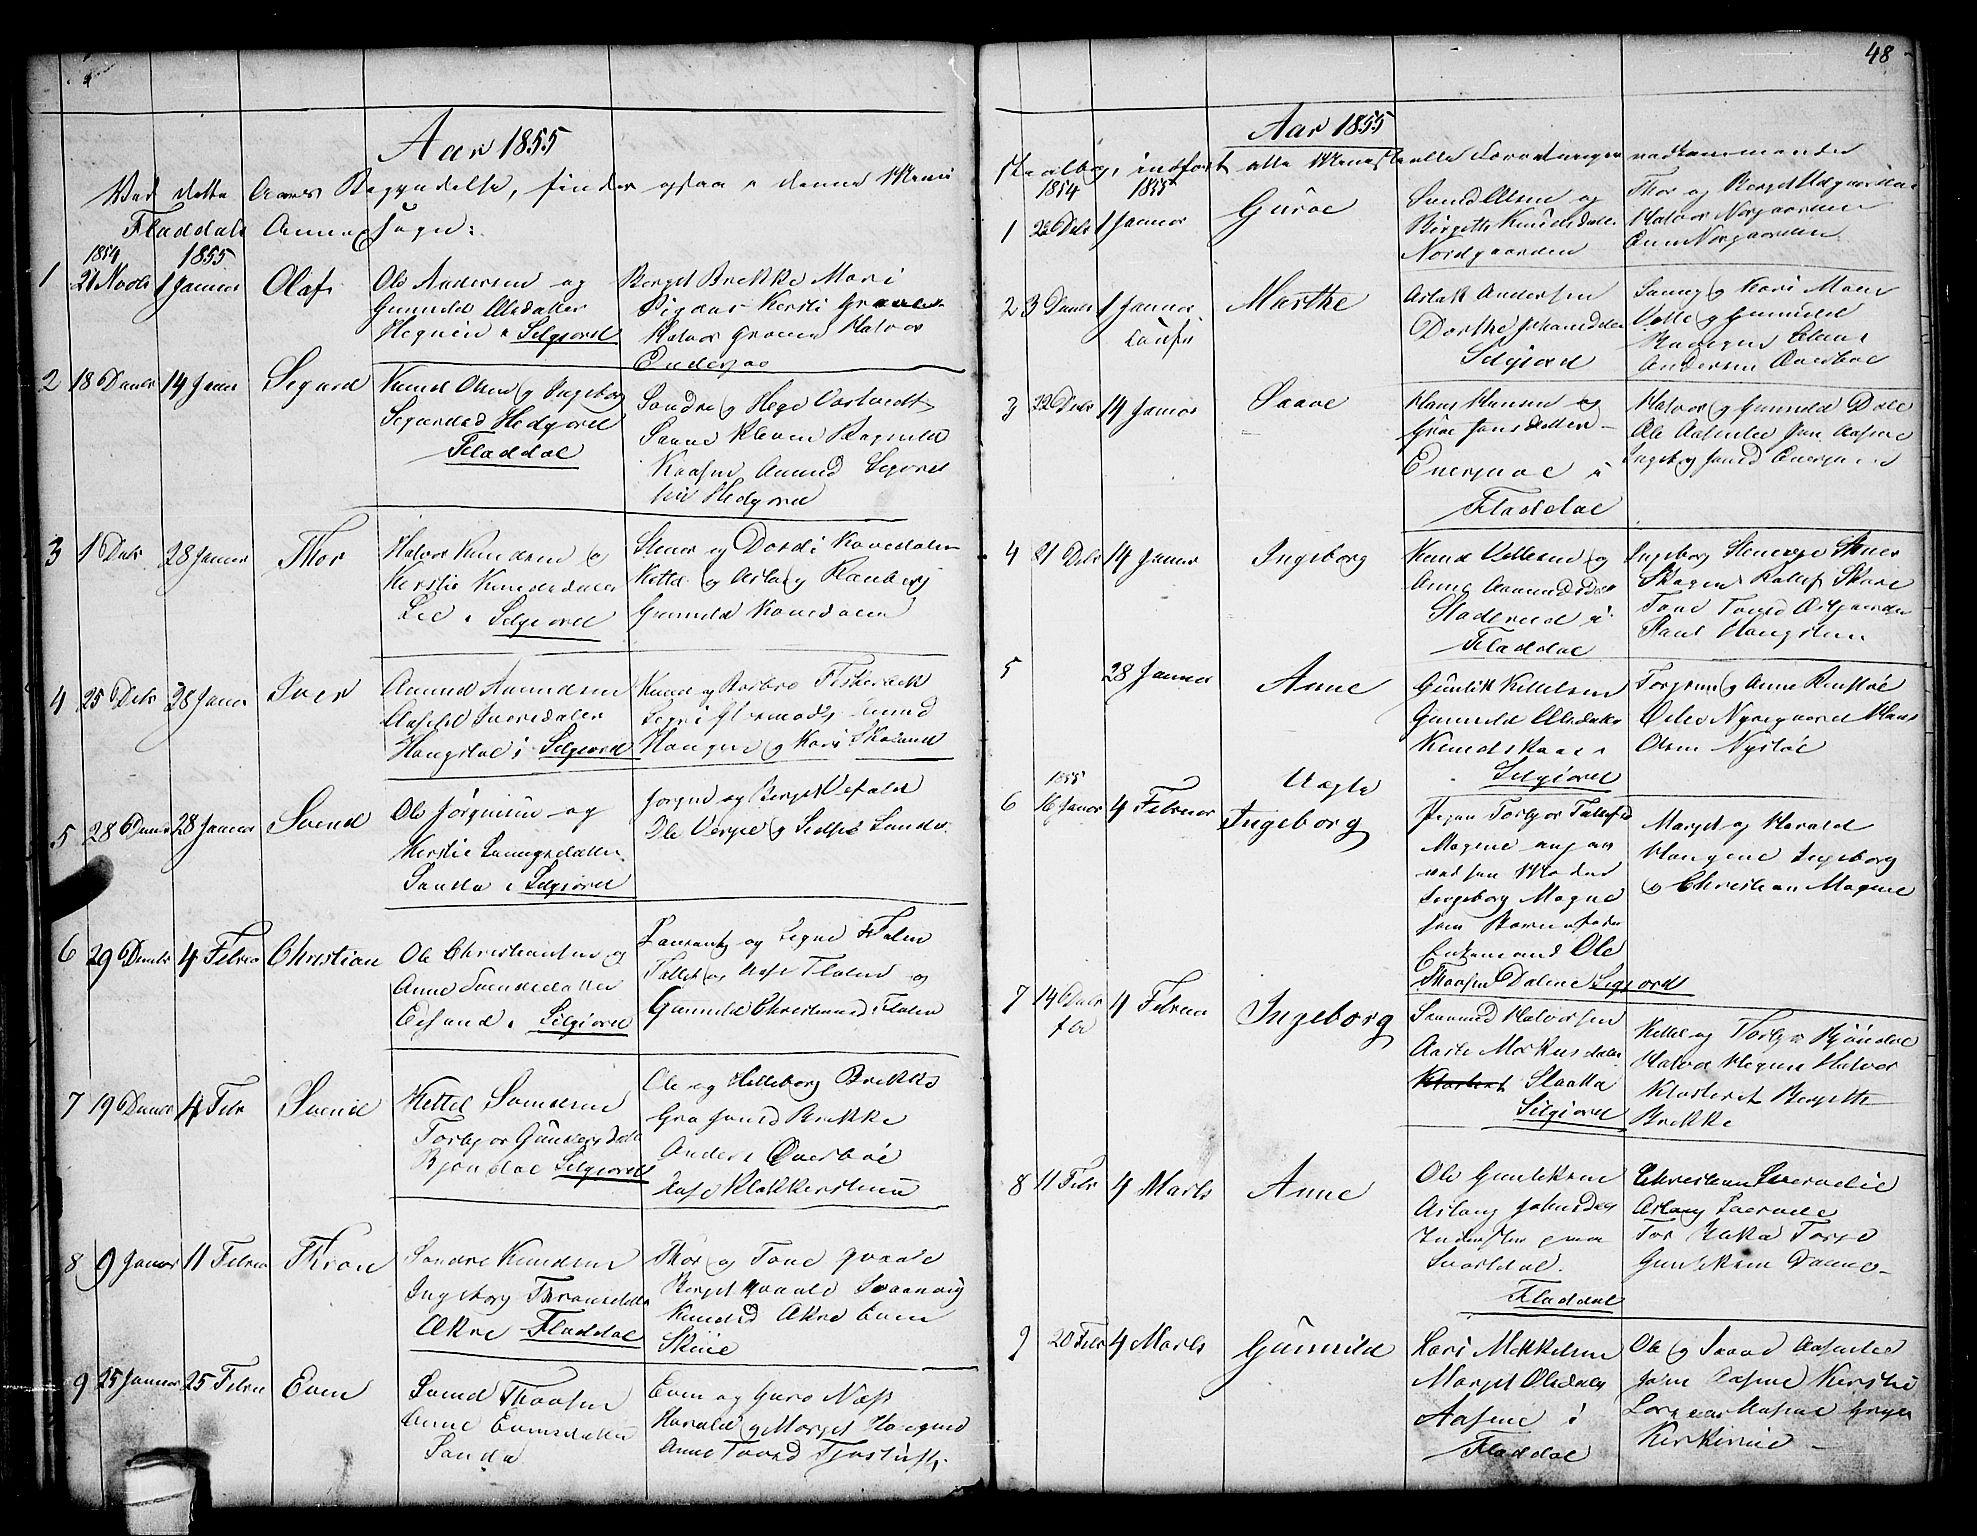 SAKO, Seljord kirkebøker, G/Ga/L0002: Klokkerbok nr. I 2, 1838-1866, s. 48